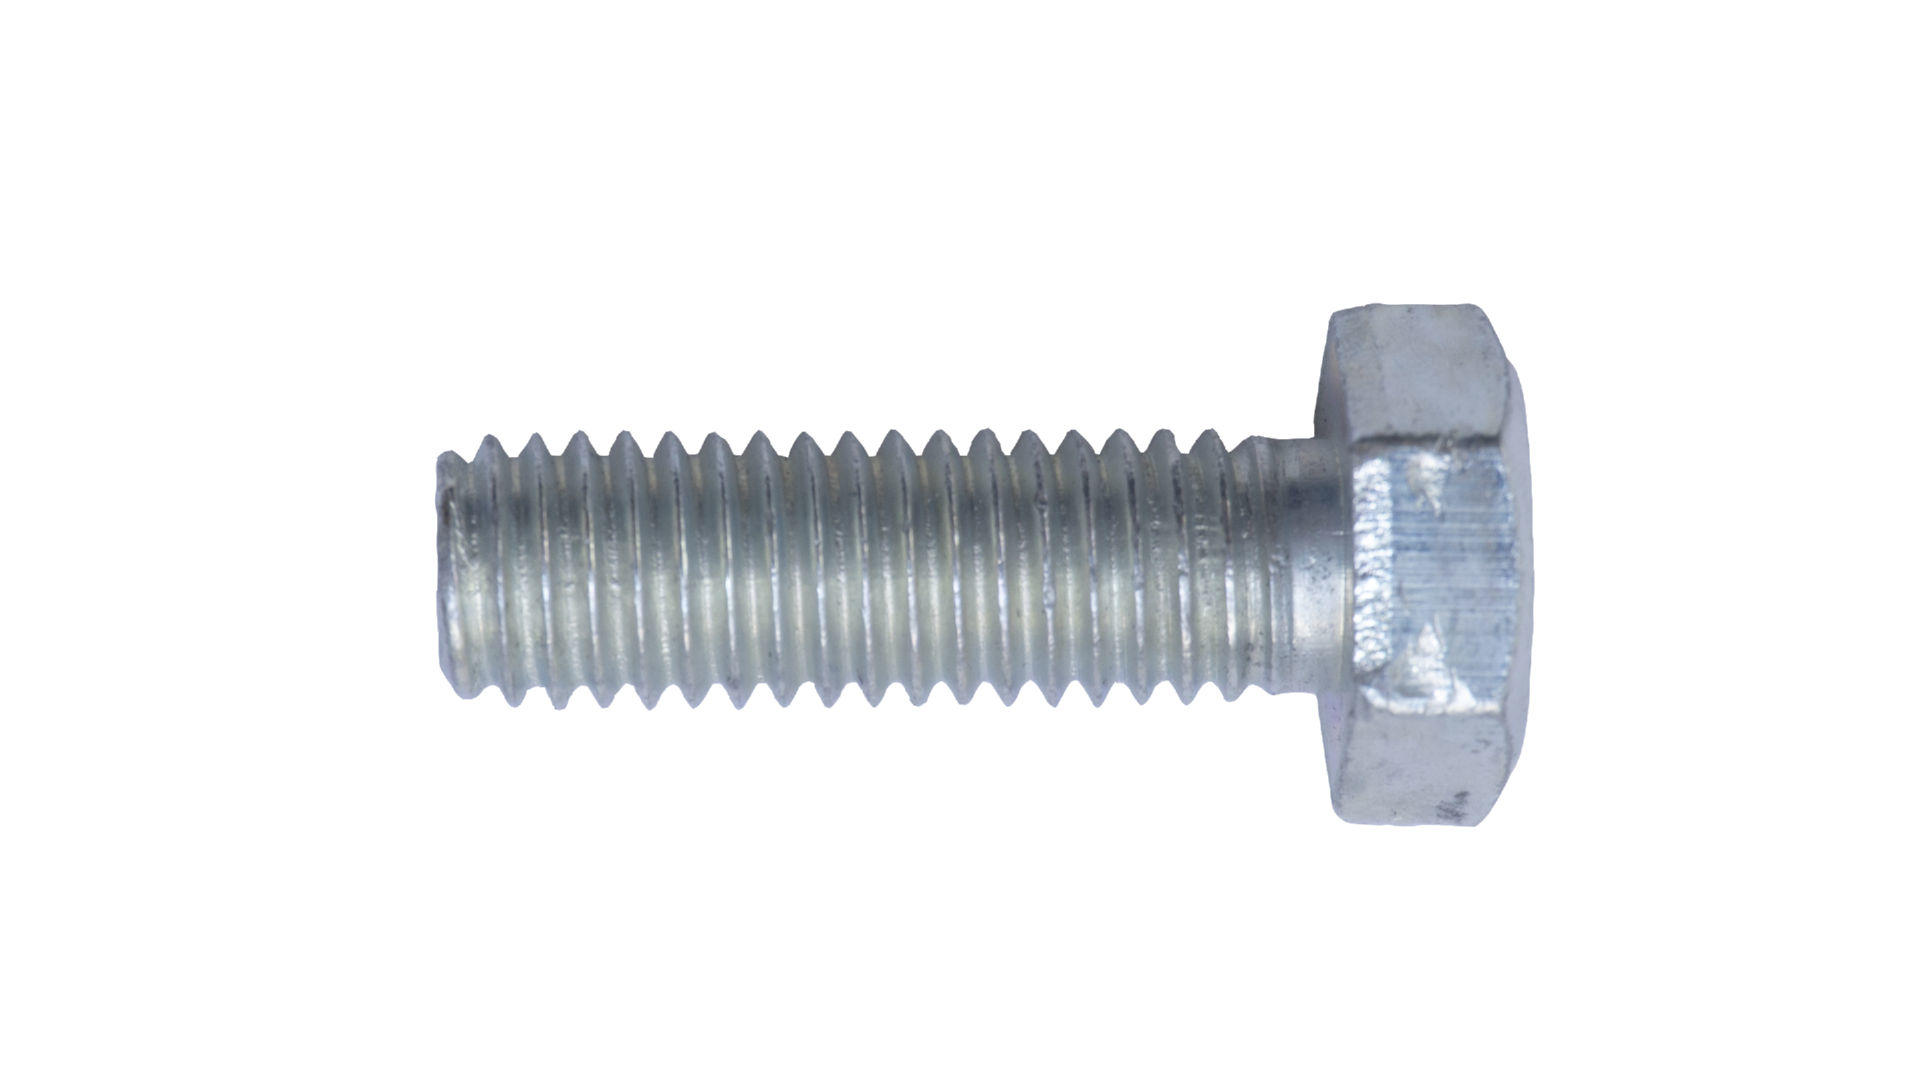 Болт шестигранный Apro - 8 x 25 мм DIN 933 (25 шт.) 3